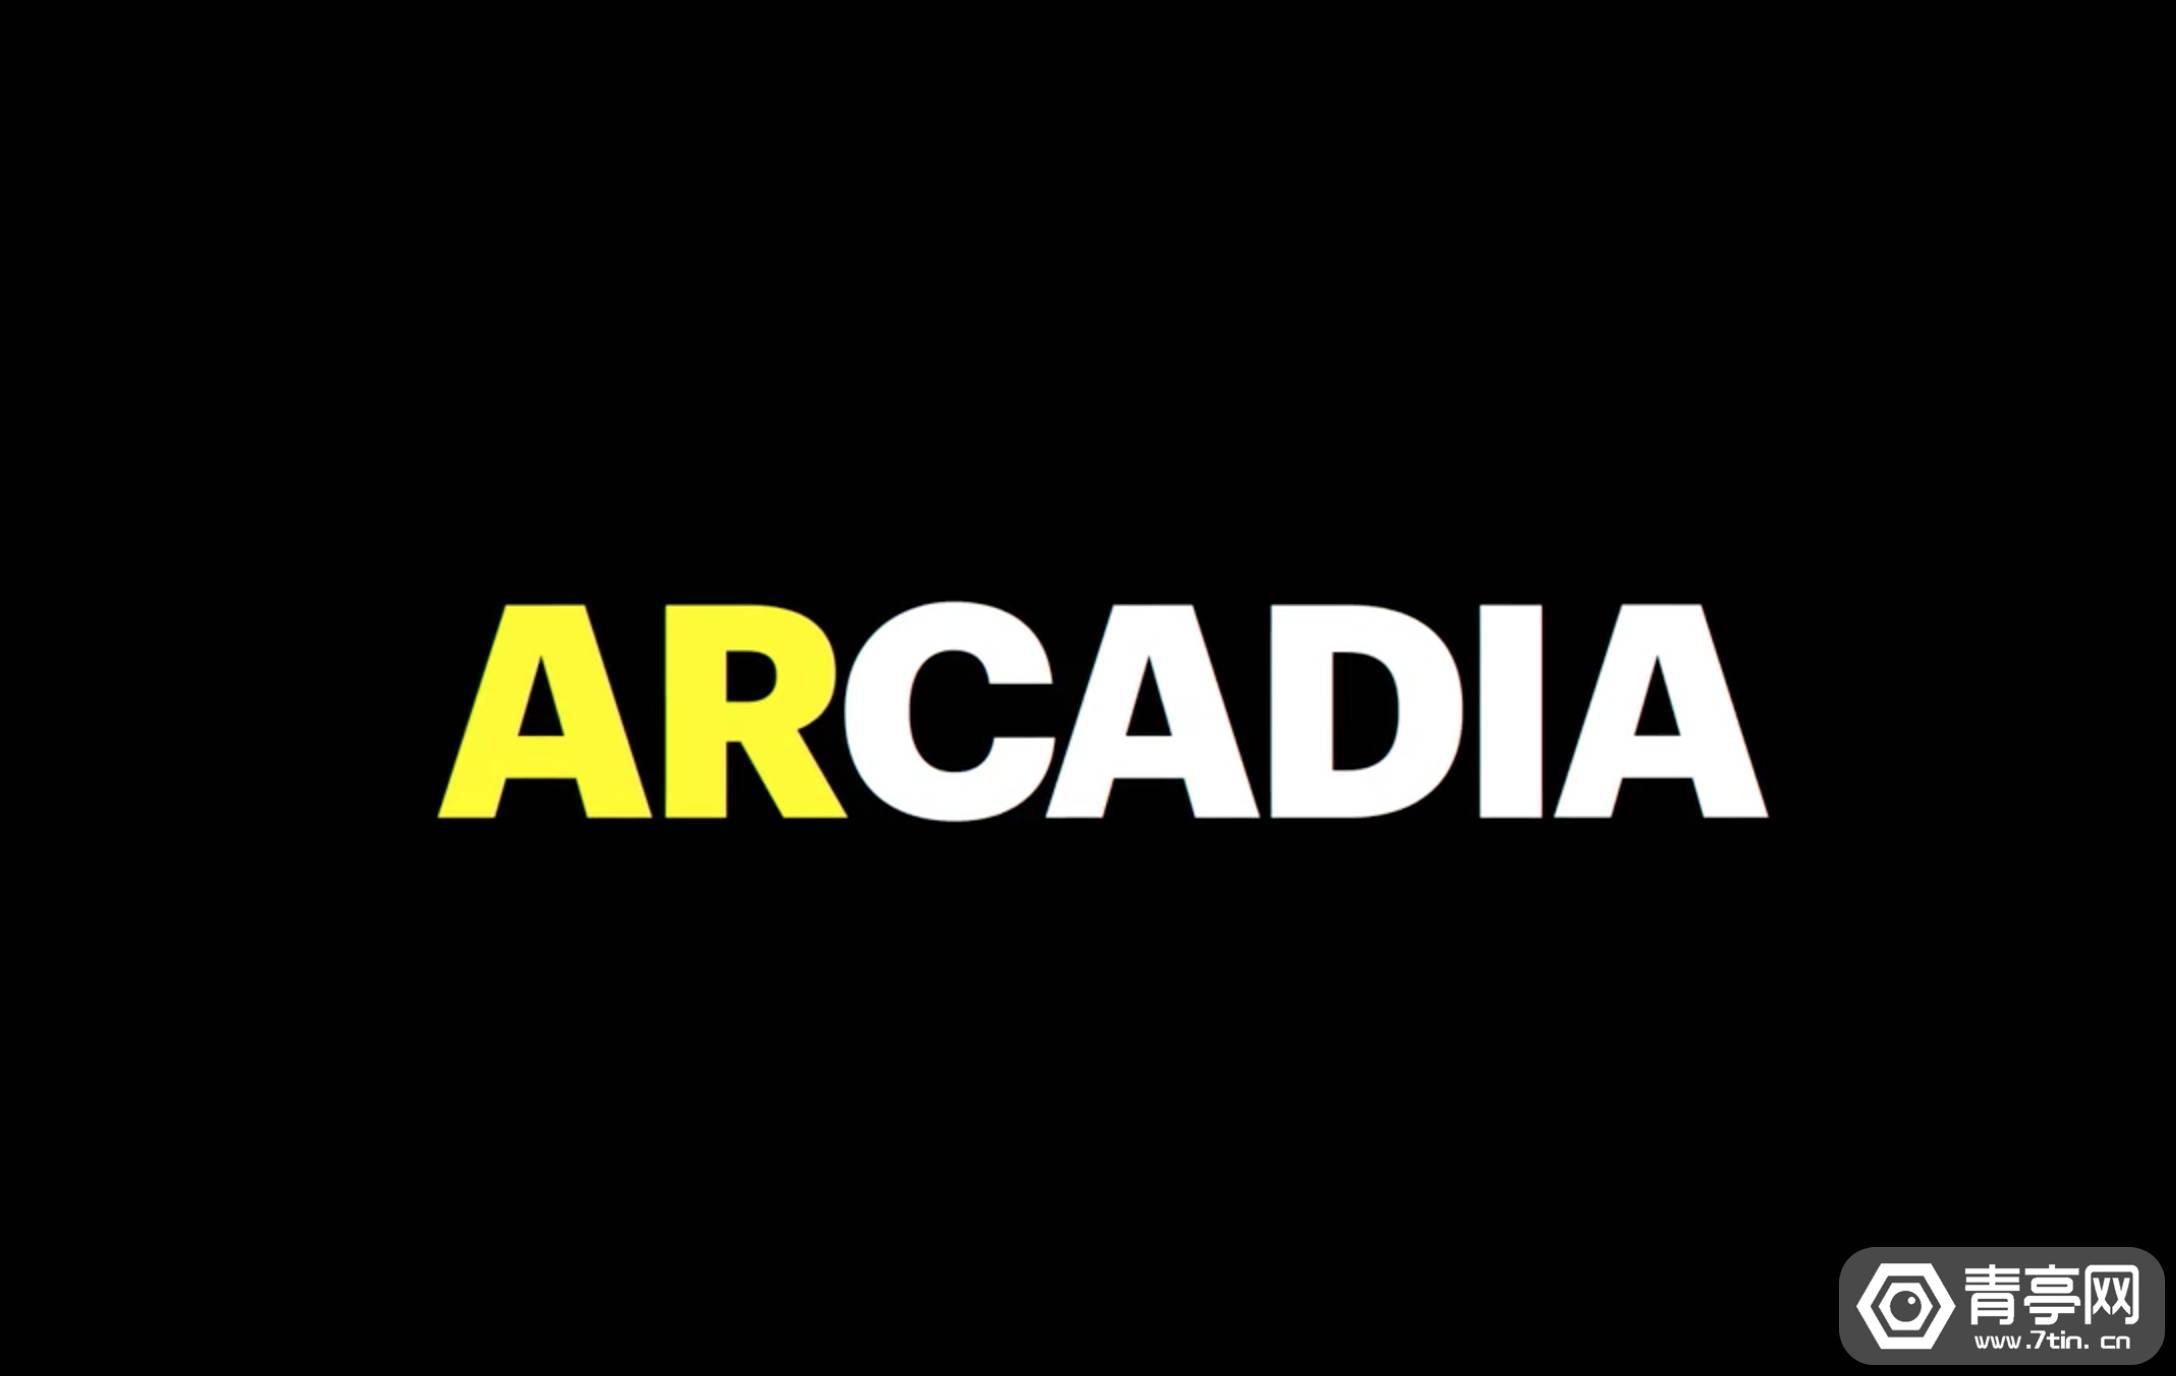 Snap成立创意工作室Arcadia,帮品牌开发跨平台AR广告